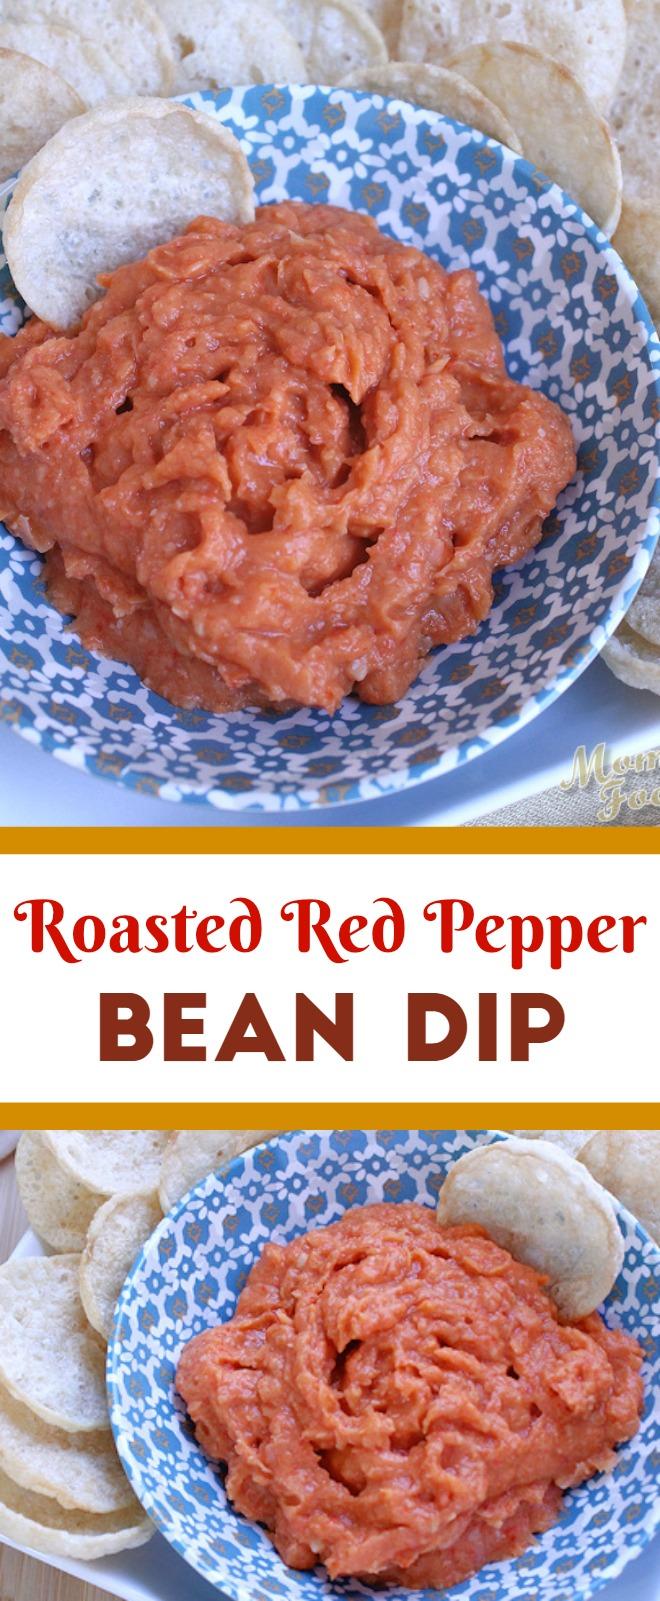 Roasted Red Pepper Bean Dip Recipe